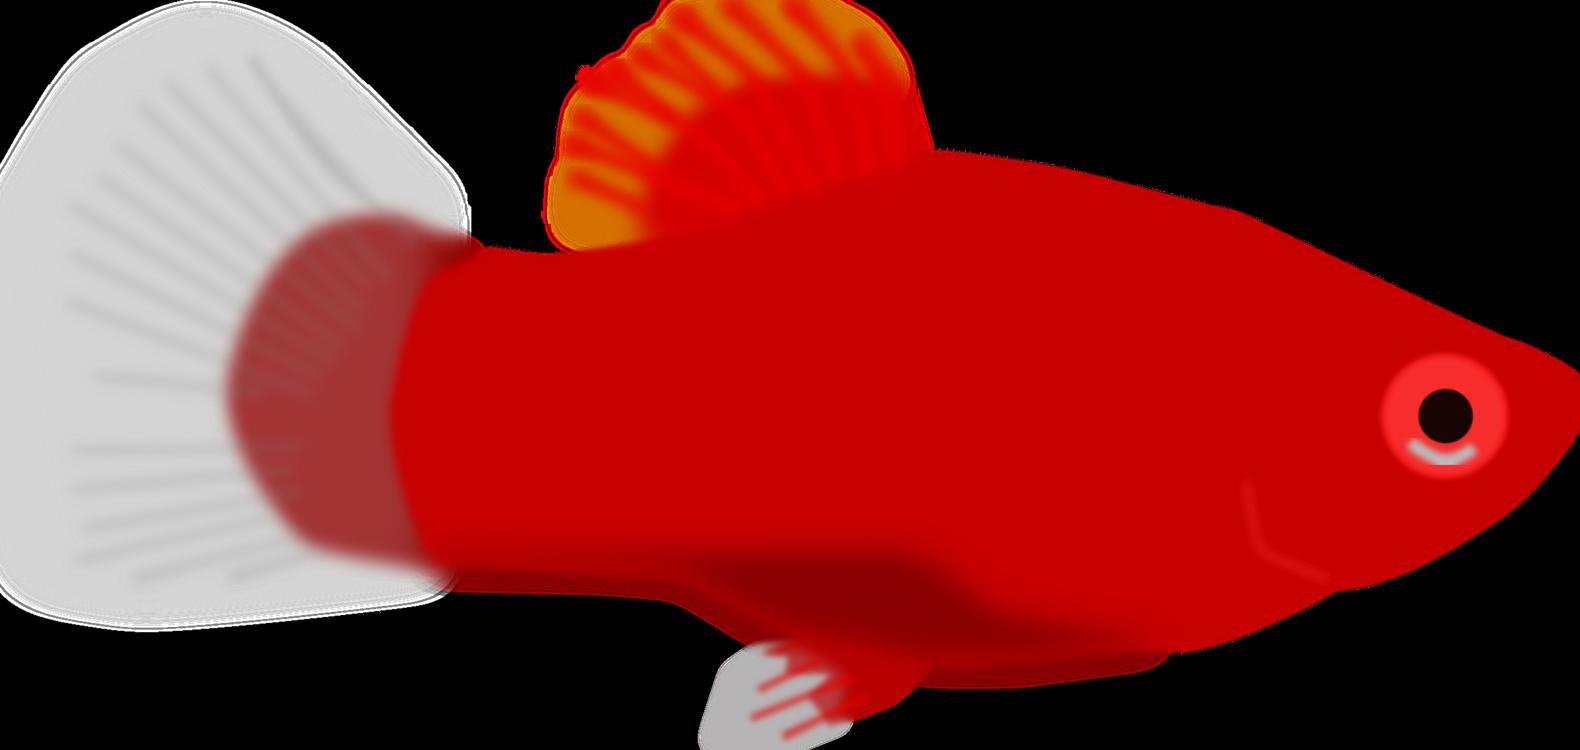 Fish,Red,Aquarium